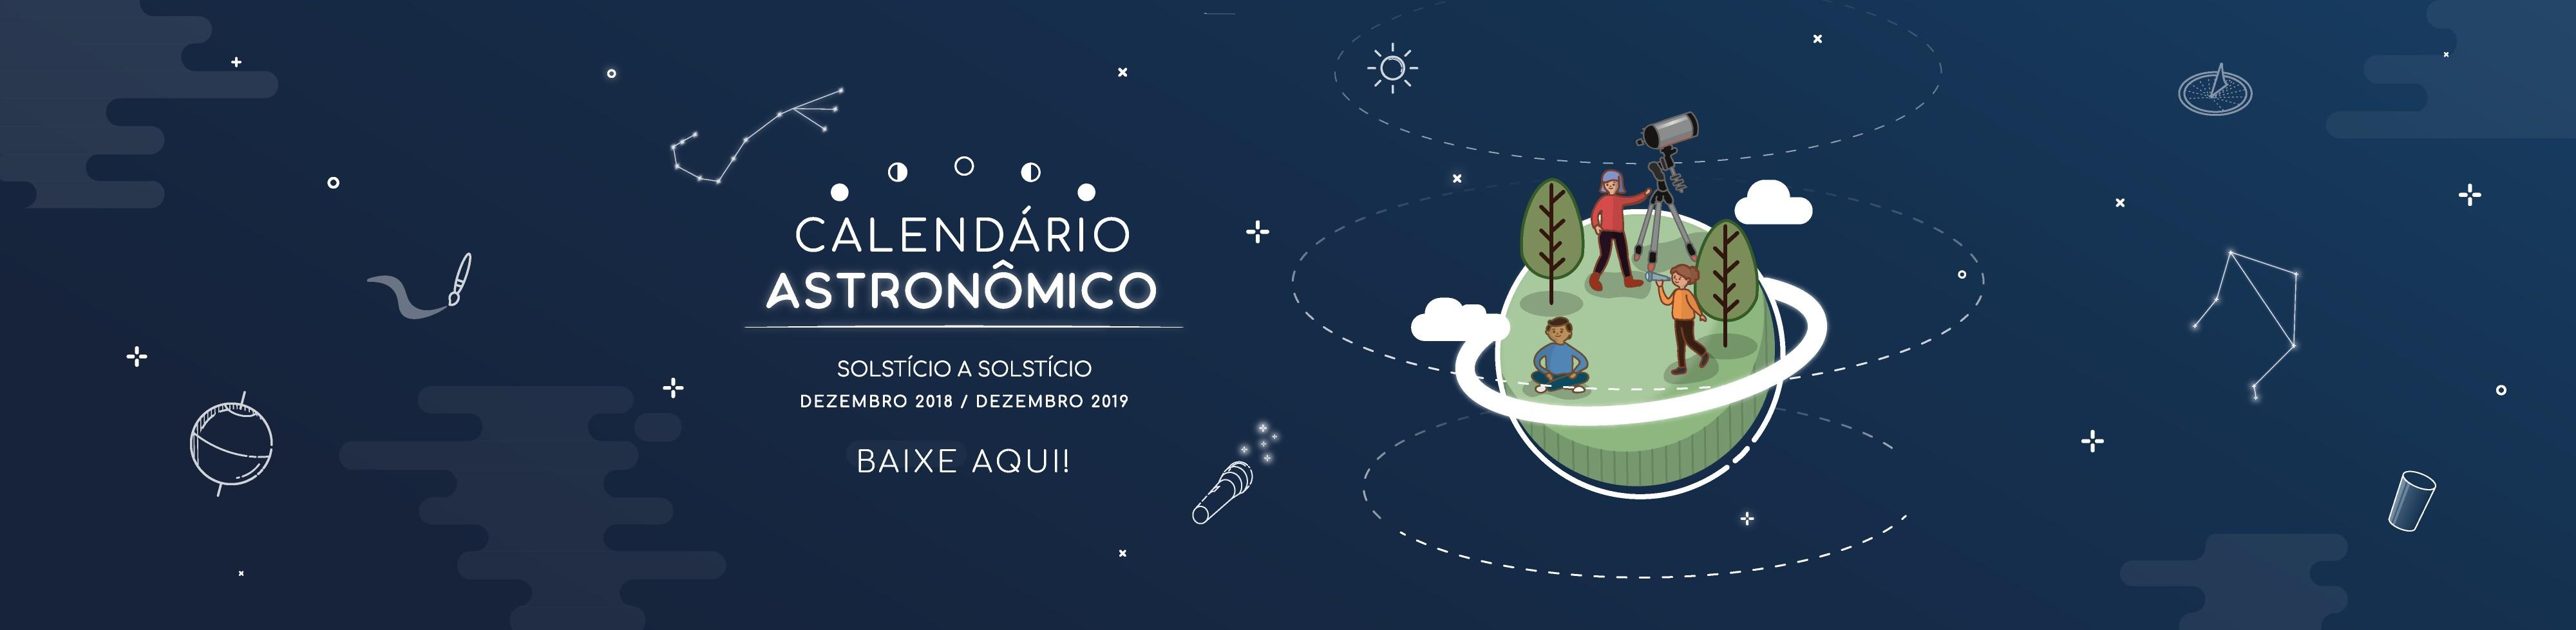 Calendario De Datas Comemorativas De 2019 Más Populares Feriado é No Espa§o – Espa§o Do Conhecimento Ufmg